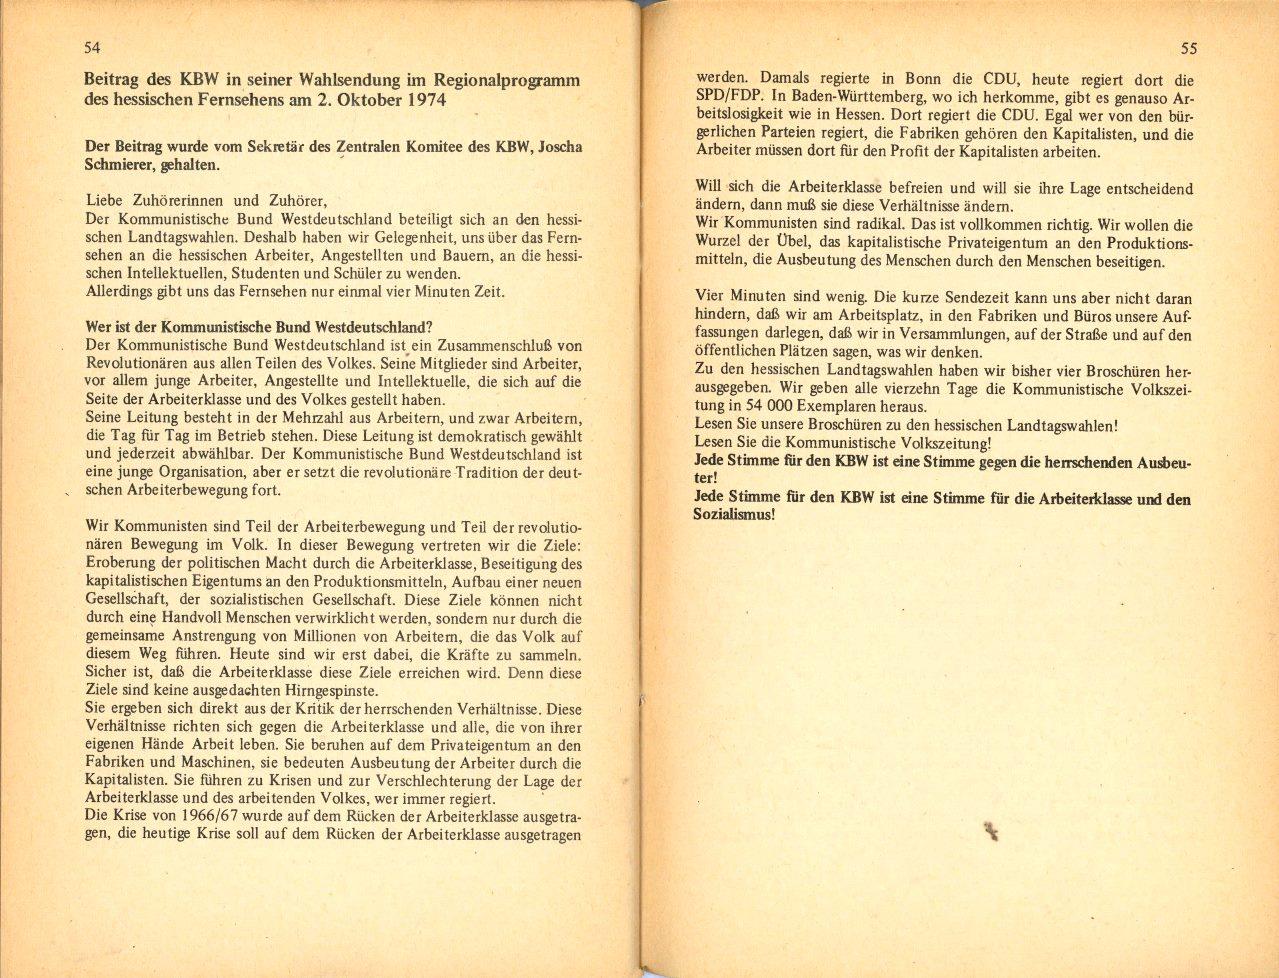 Hessen_KBW_LTW_Kundgebung_in_Wiesbaden_30_09_1974_29